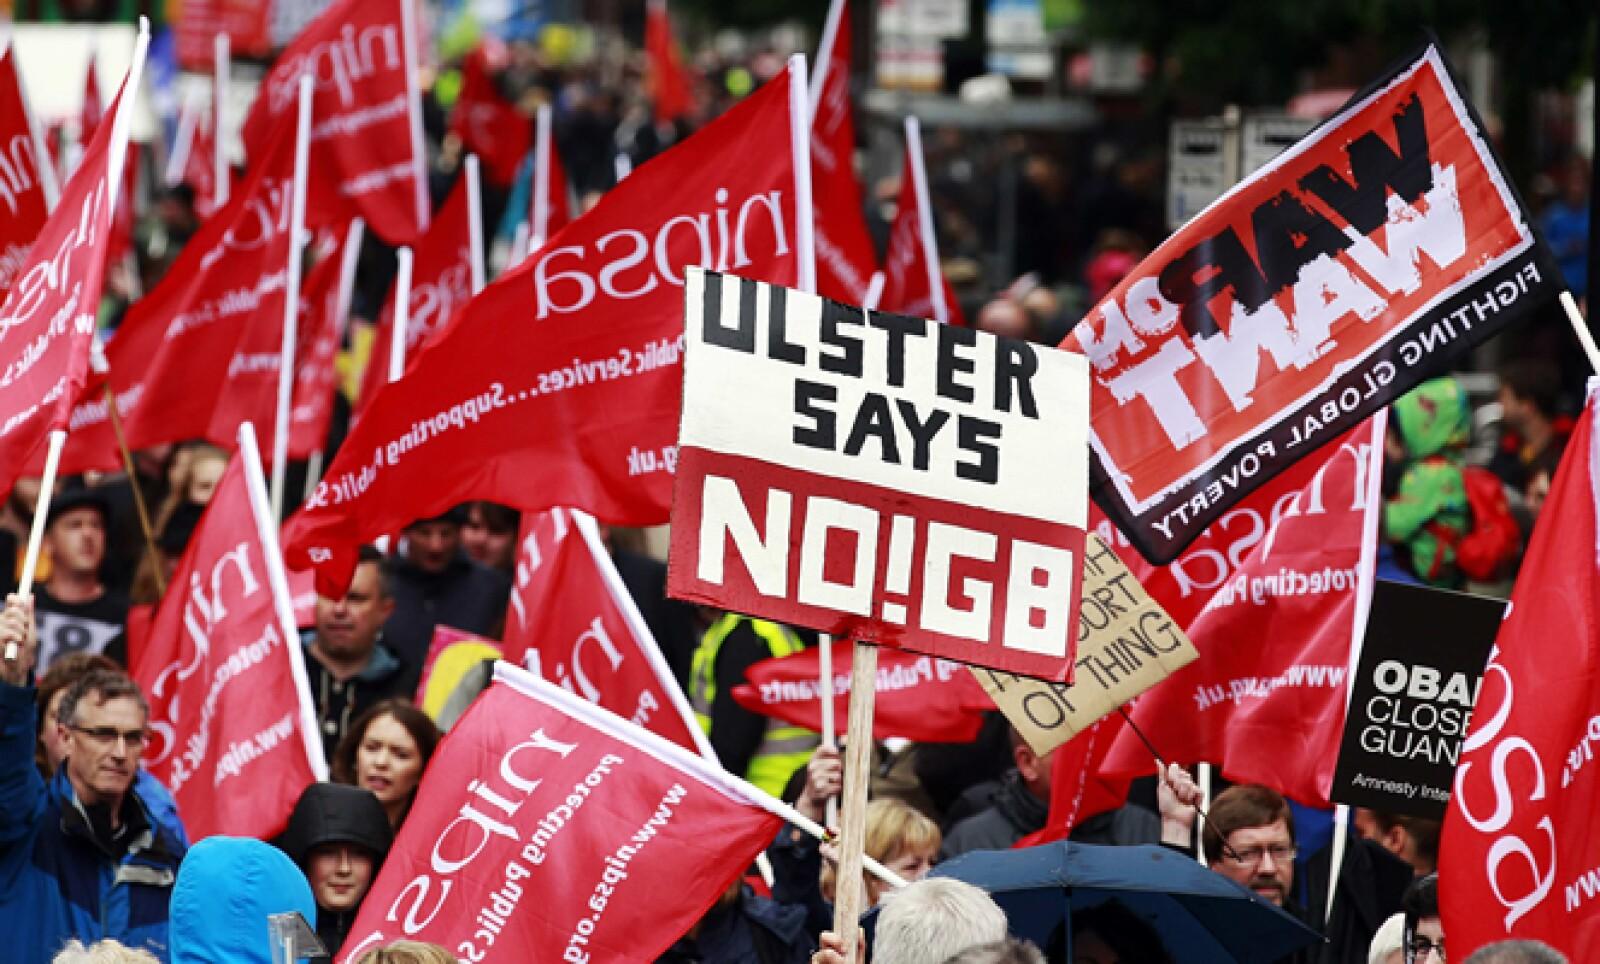 Previo a la reunión, decenas de manifestantes protestaron contra la cumbre con pancartas y banderas.